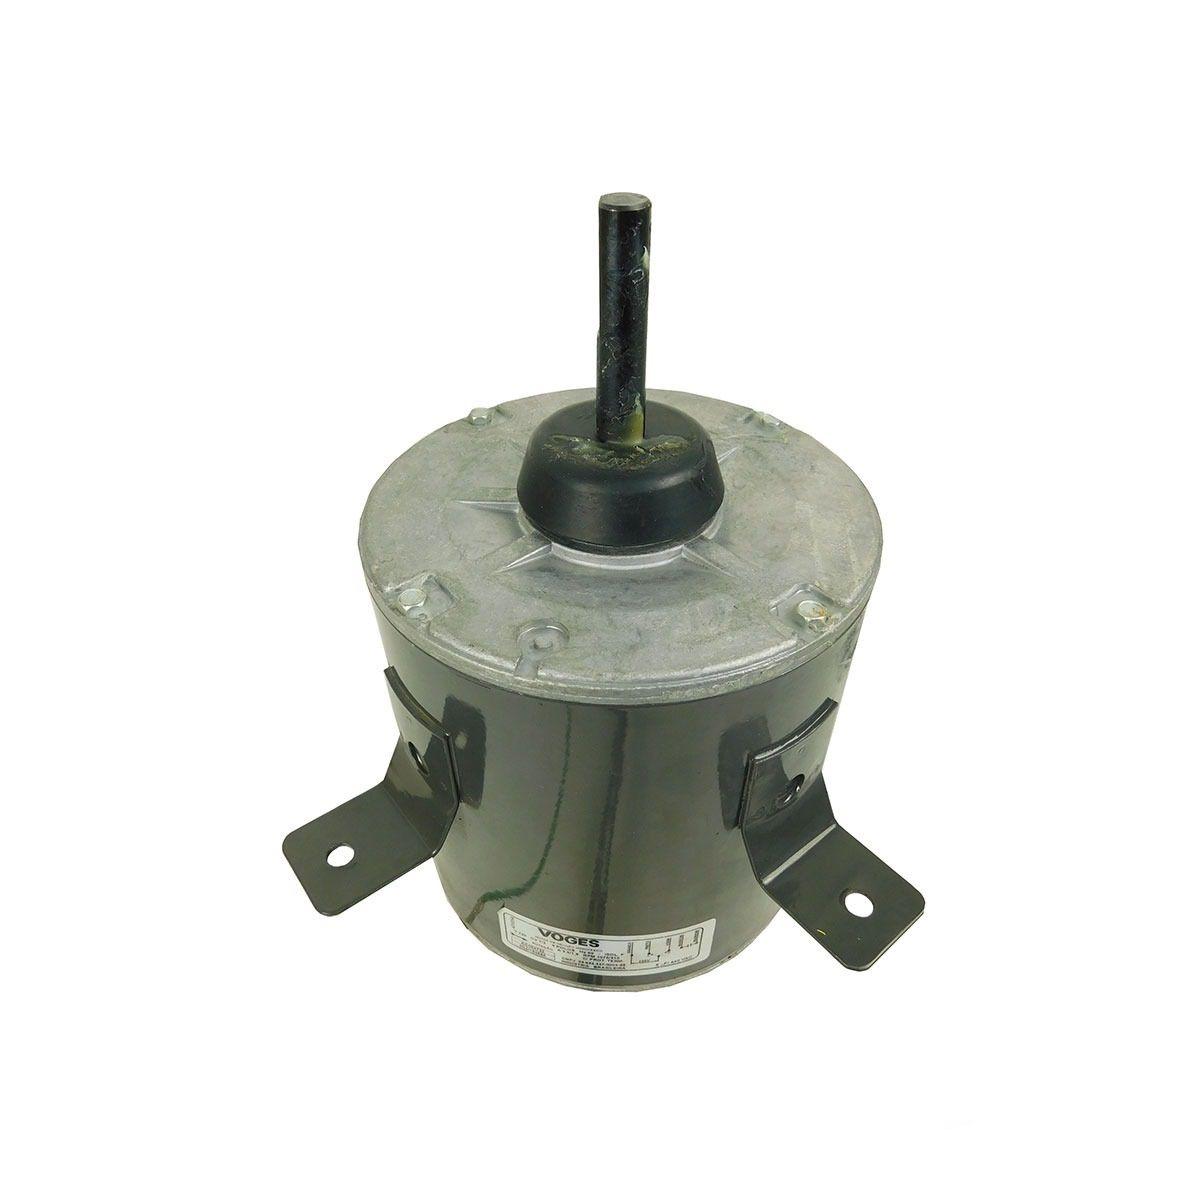 Motor Ventilador Condensadora Hitachi Modelos RAM 40.000 até 60.000 Btus HLD19385A